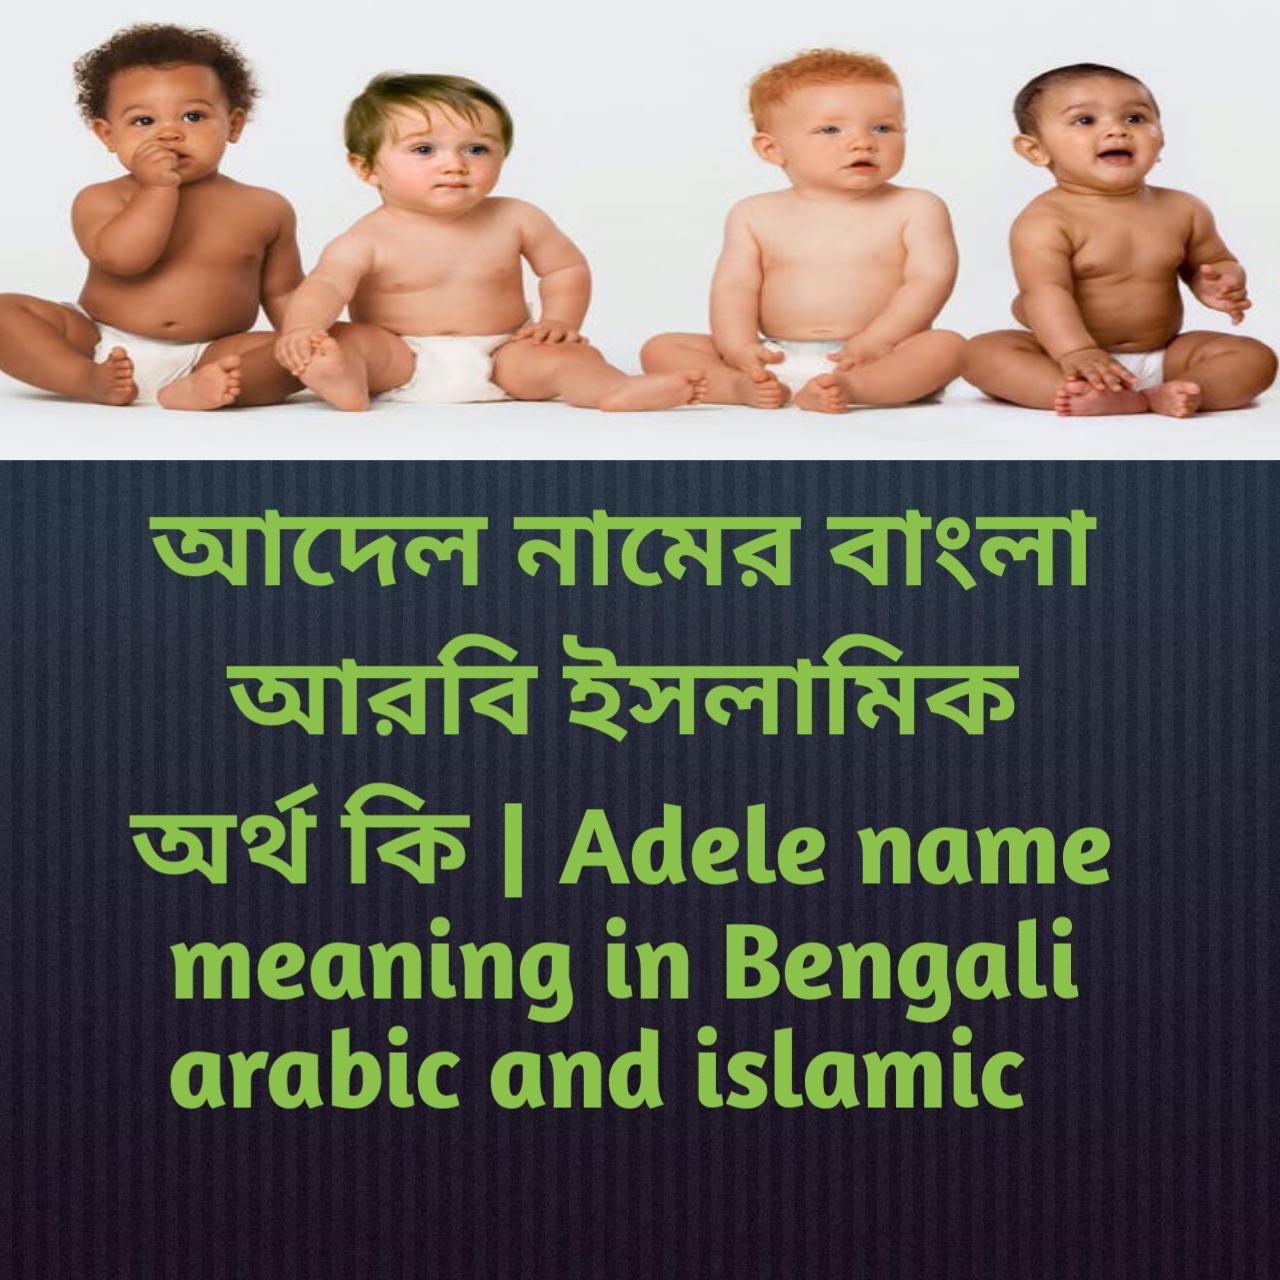 আদেল নামের অর্থ কি, আদেল নামের বাংলা অর্থ কি, আদেল নামের ইসলামিক অর্থ কি, Adele name meaning in Bengali, আদেল কি ইসলামিক নাম,